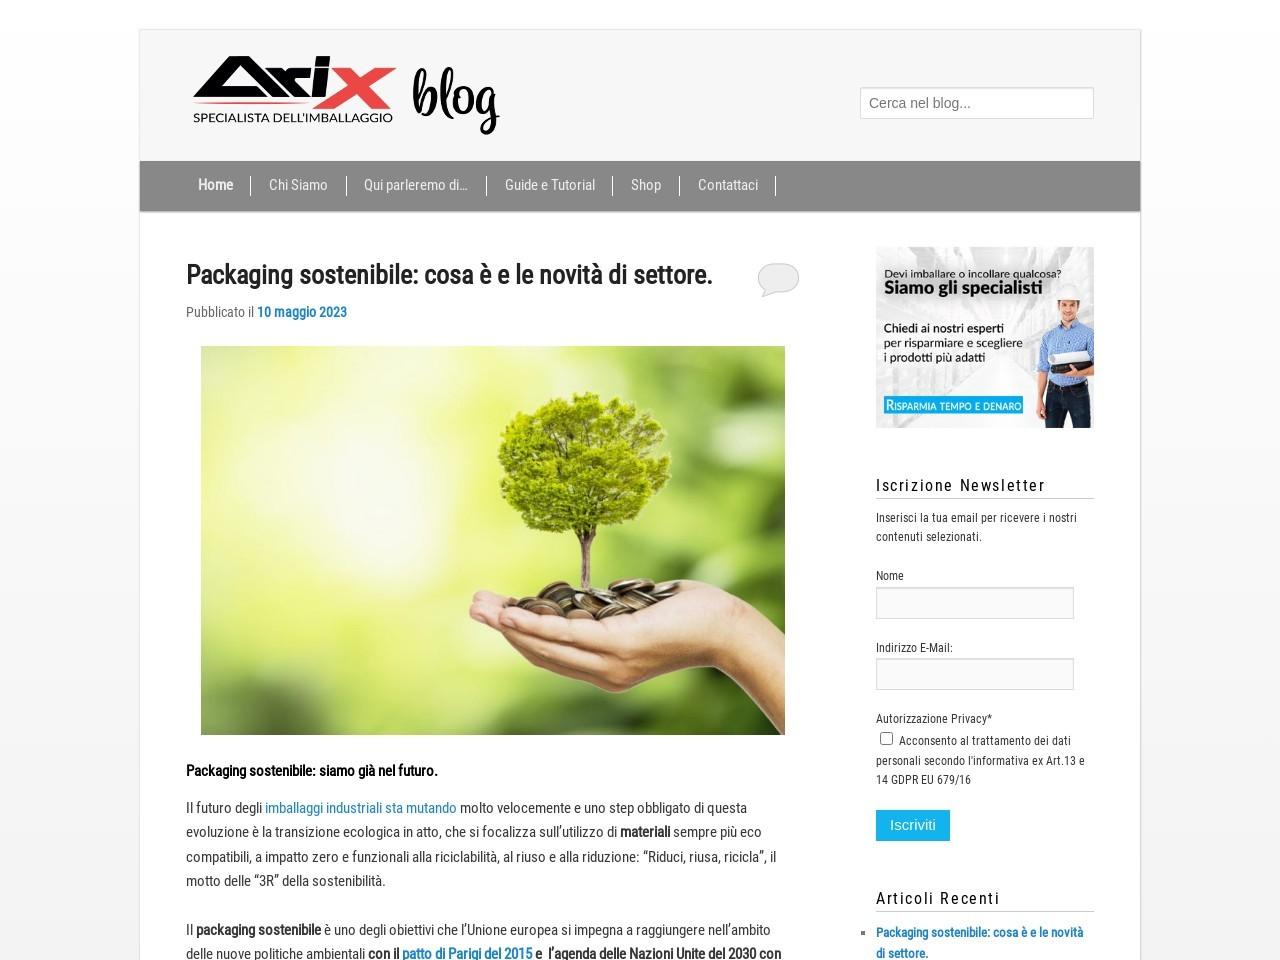 arixblog-il-blog-dellimballaggio